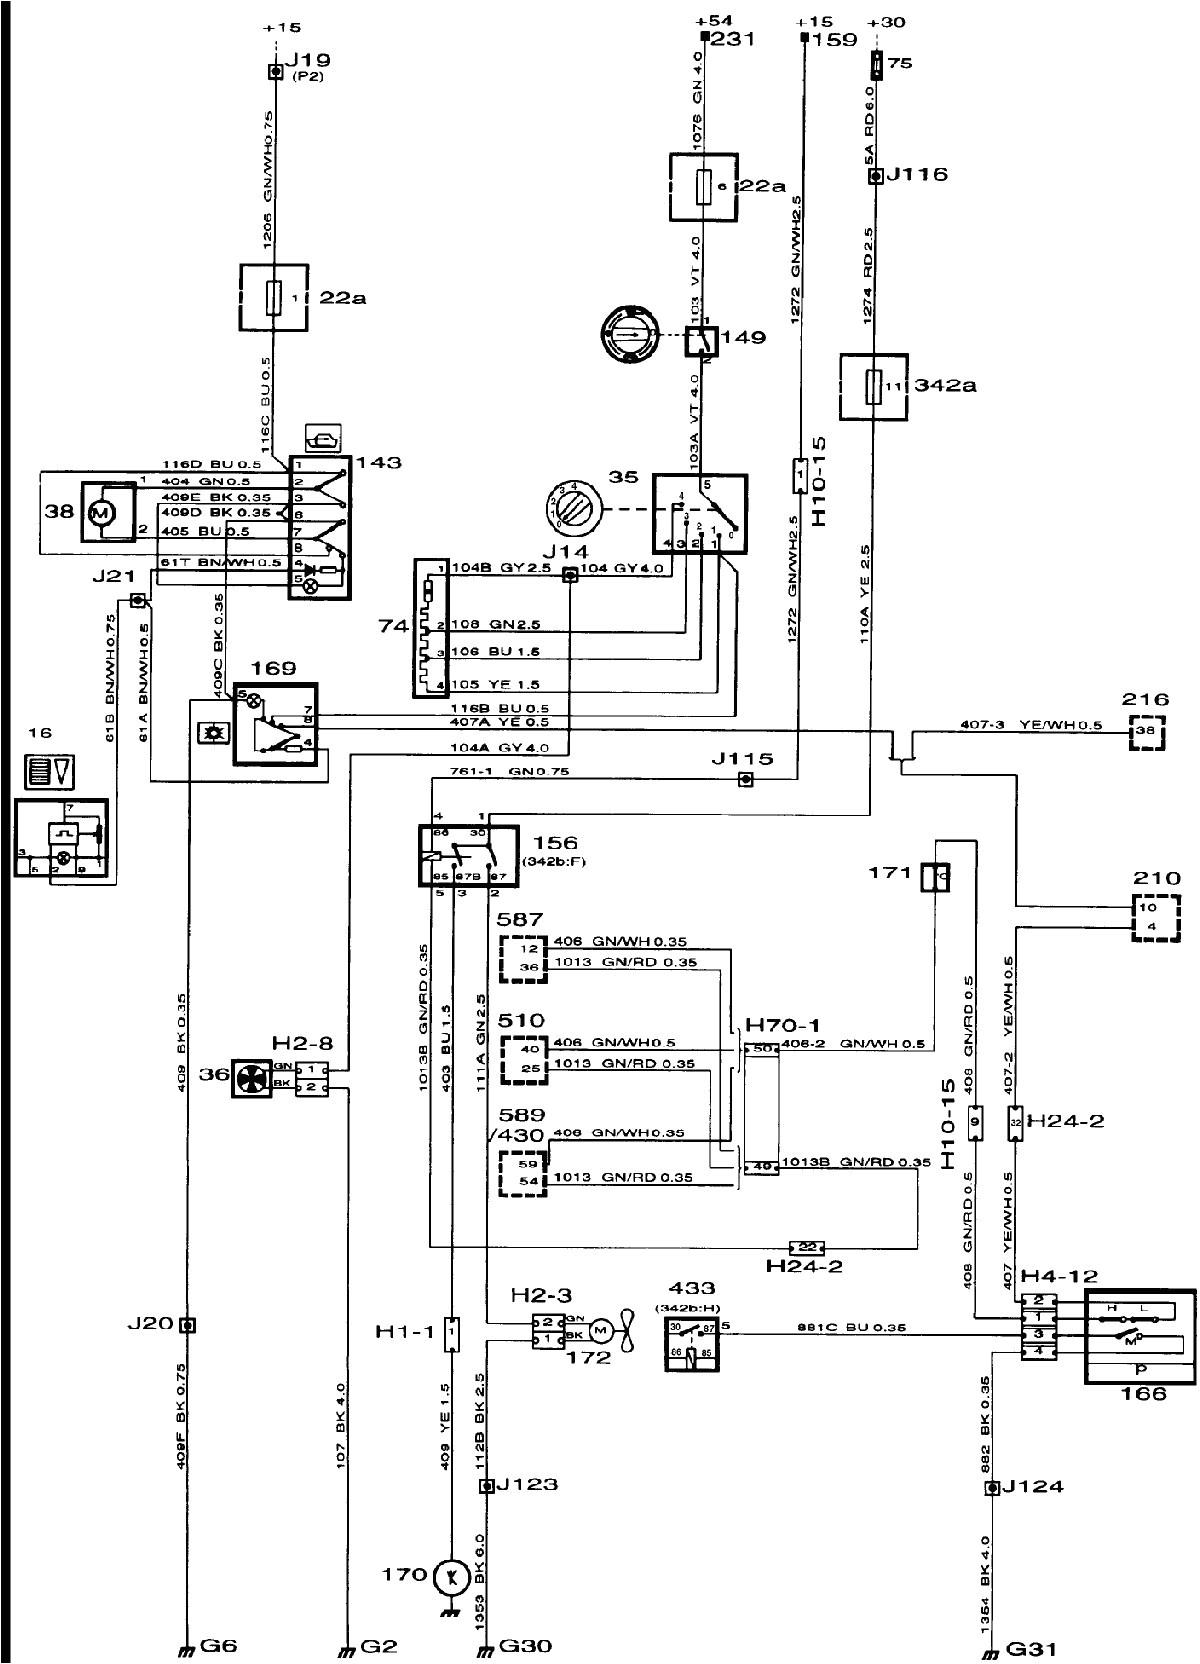 saab wiring diagram 9 3 wiring diagram toolbox saab 9 3 abs wiring diagram saab